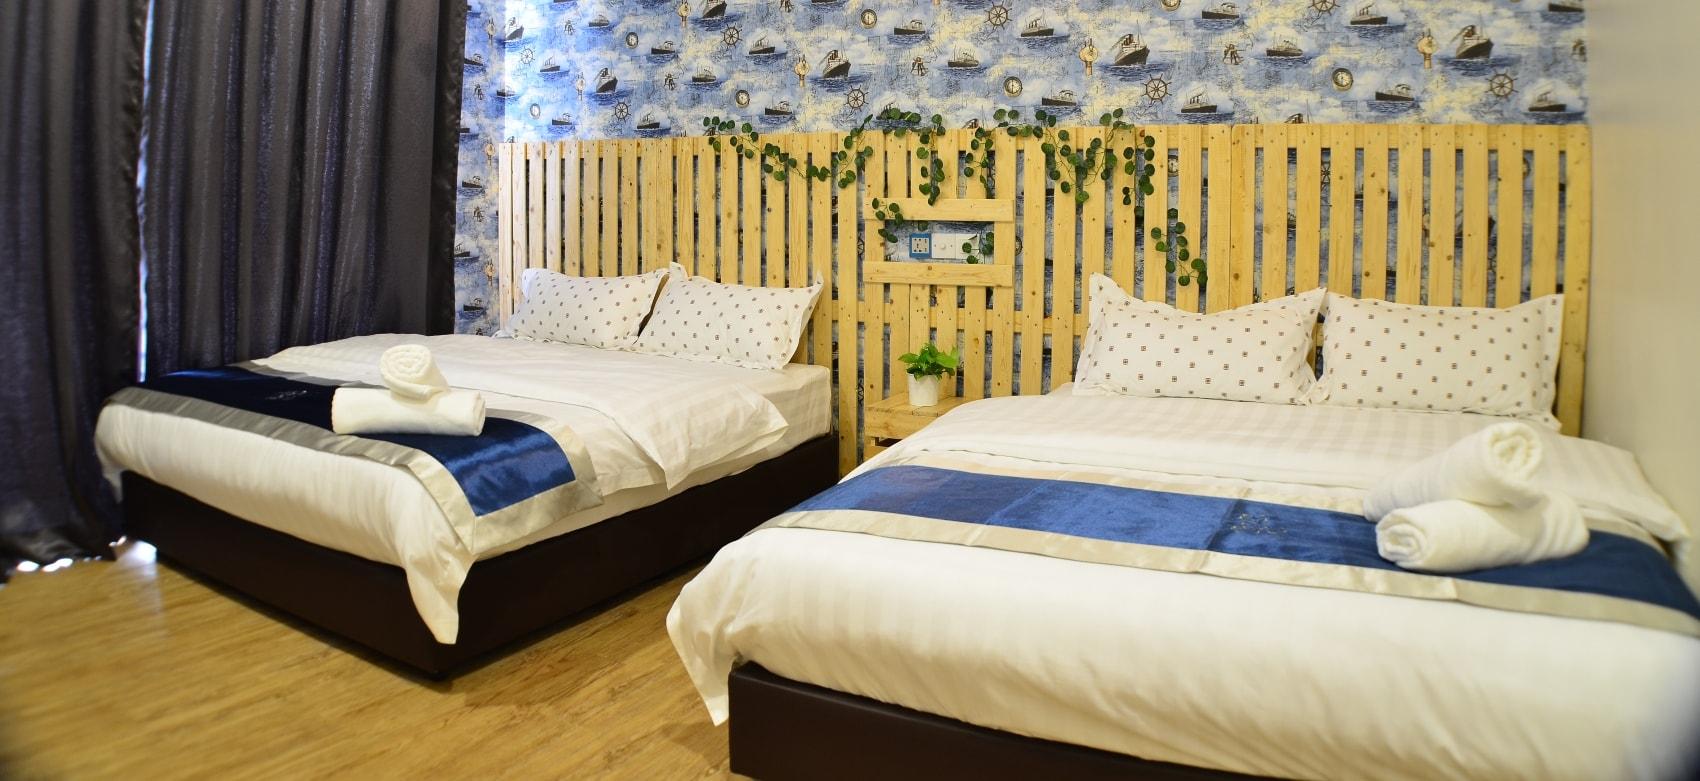 Hotel EV World